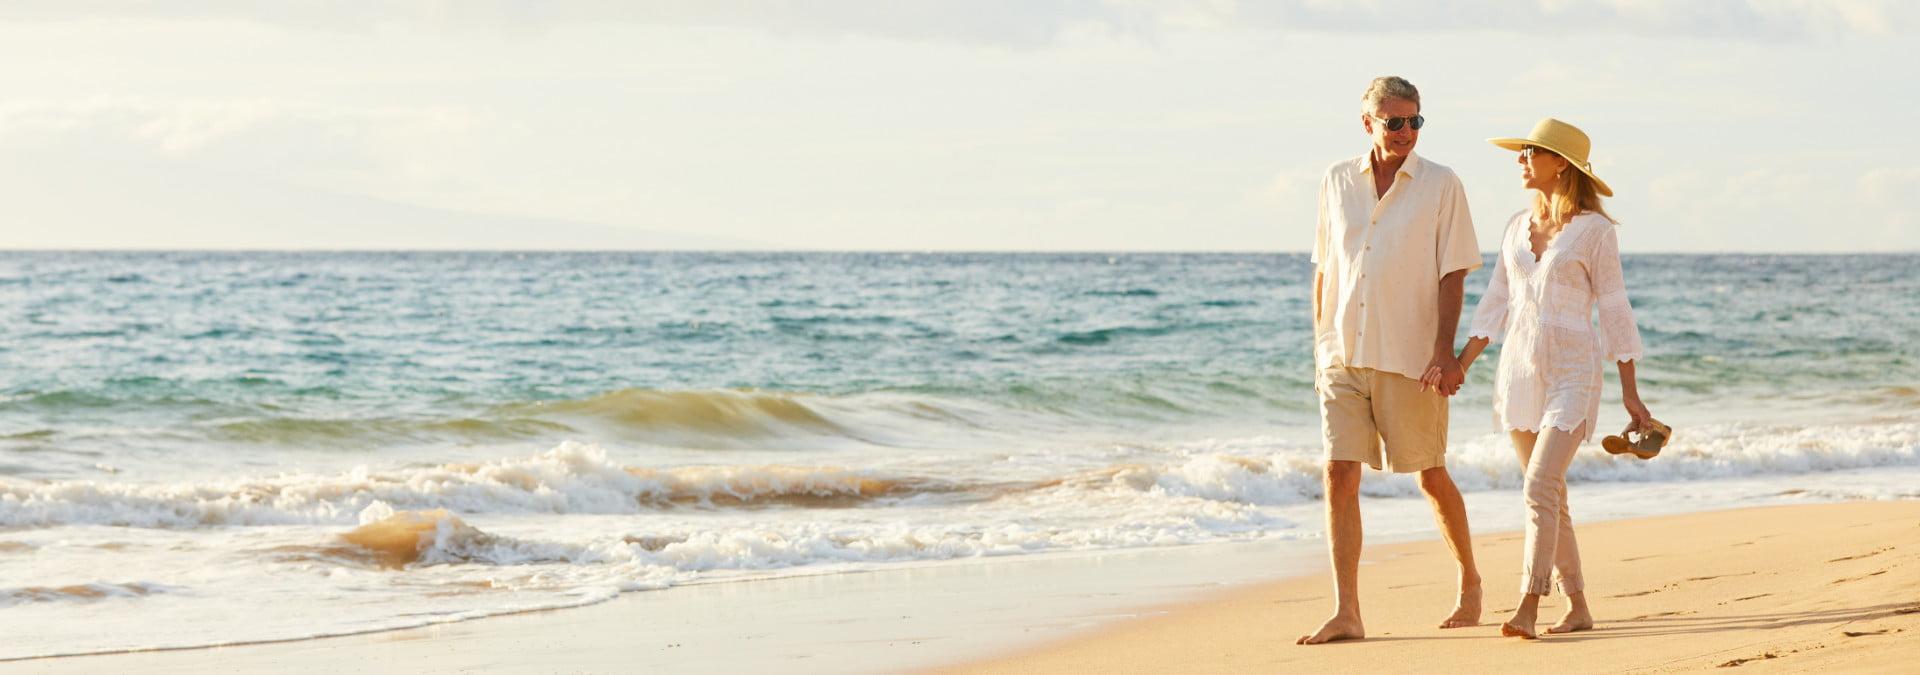 St. George Island Beach - Walking